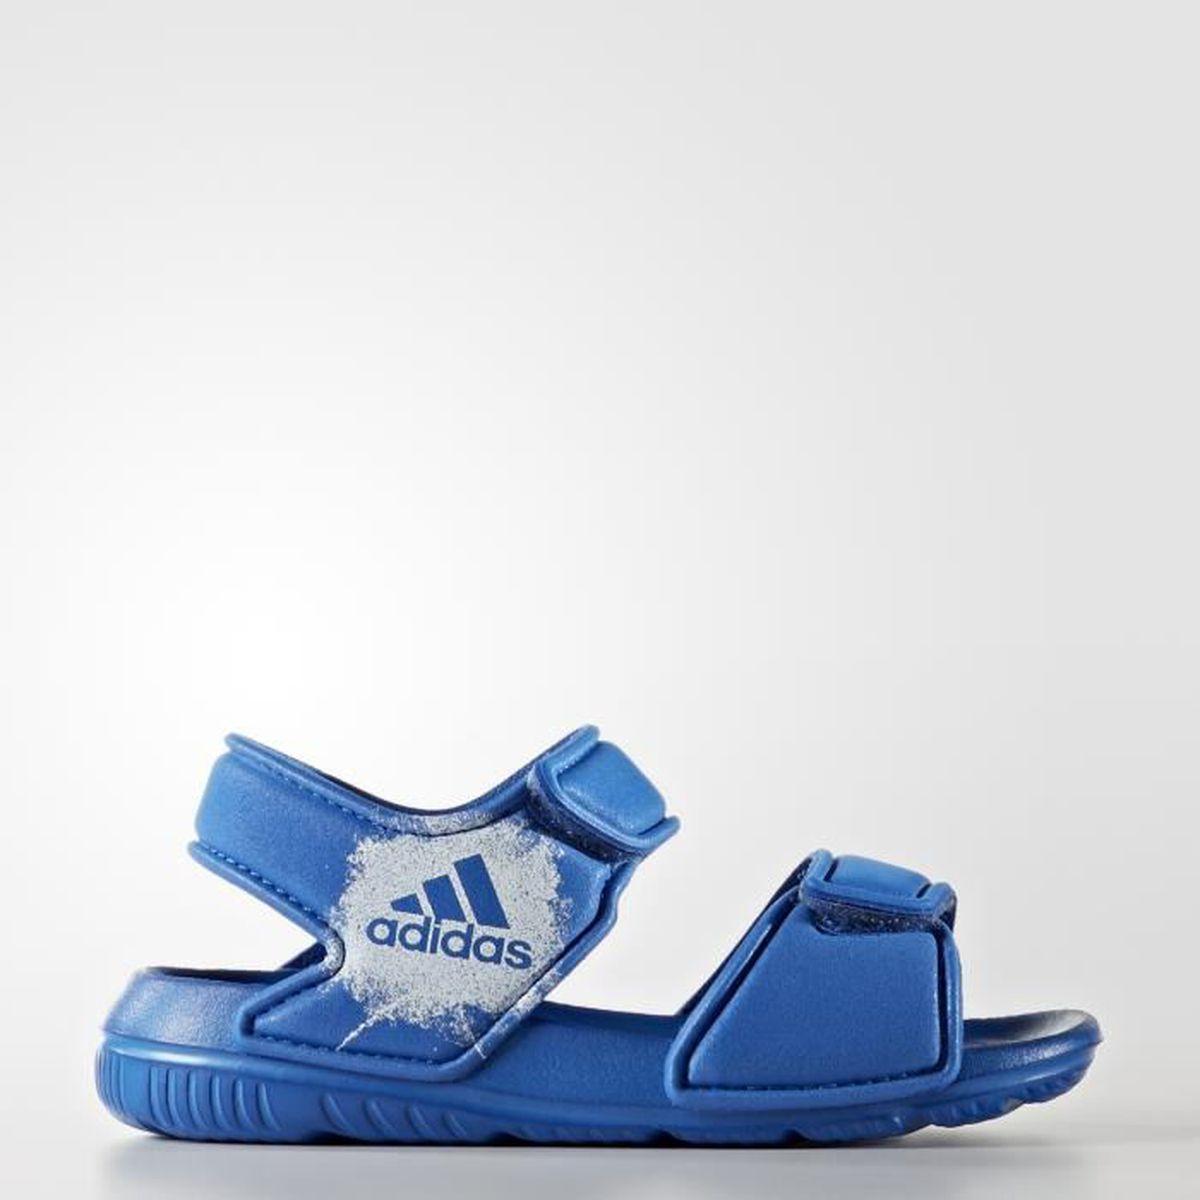 Altaswim Adidas Adidas Sandales Bleublancblanc Bleublancblanc 21 Altaswim Sandales 21 6f7YvIbgym